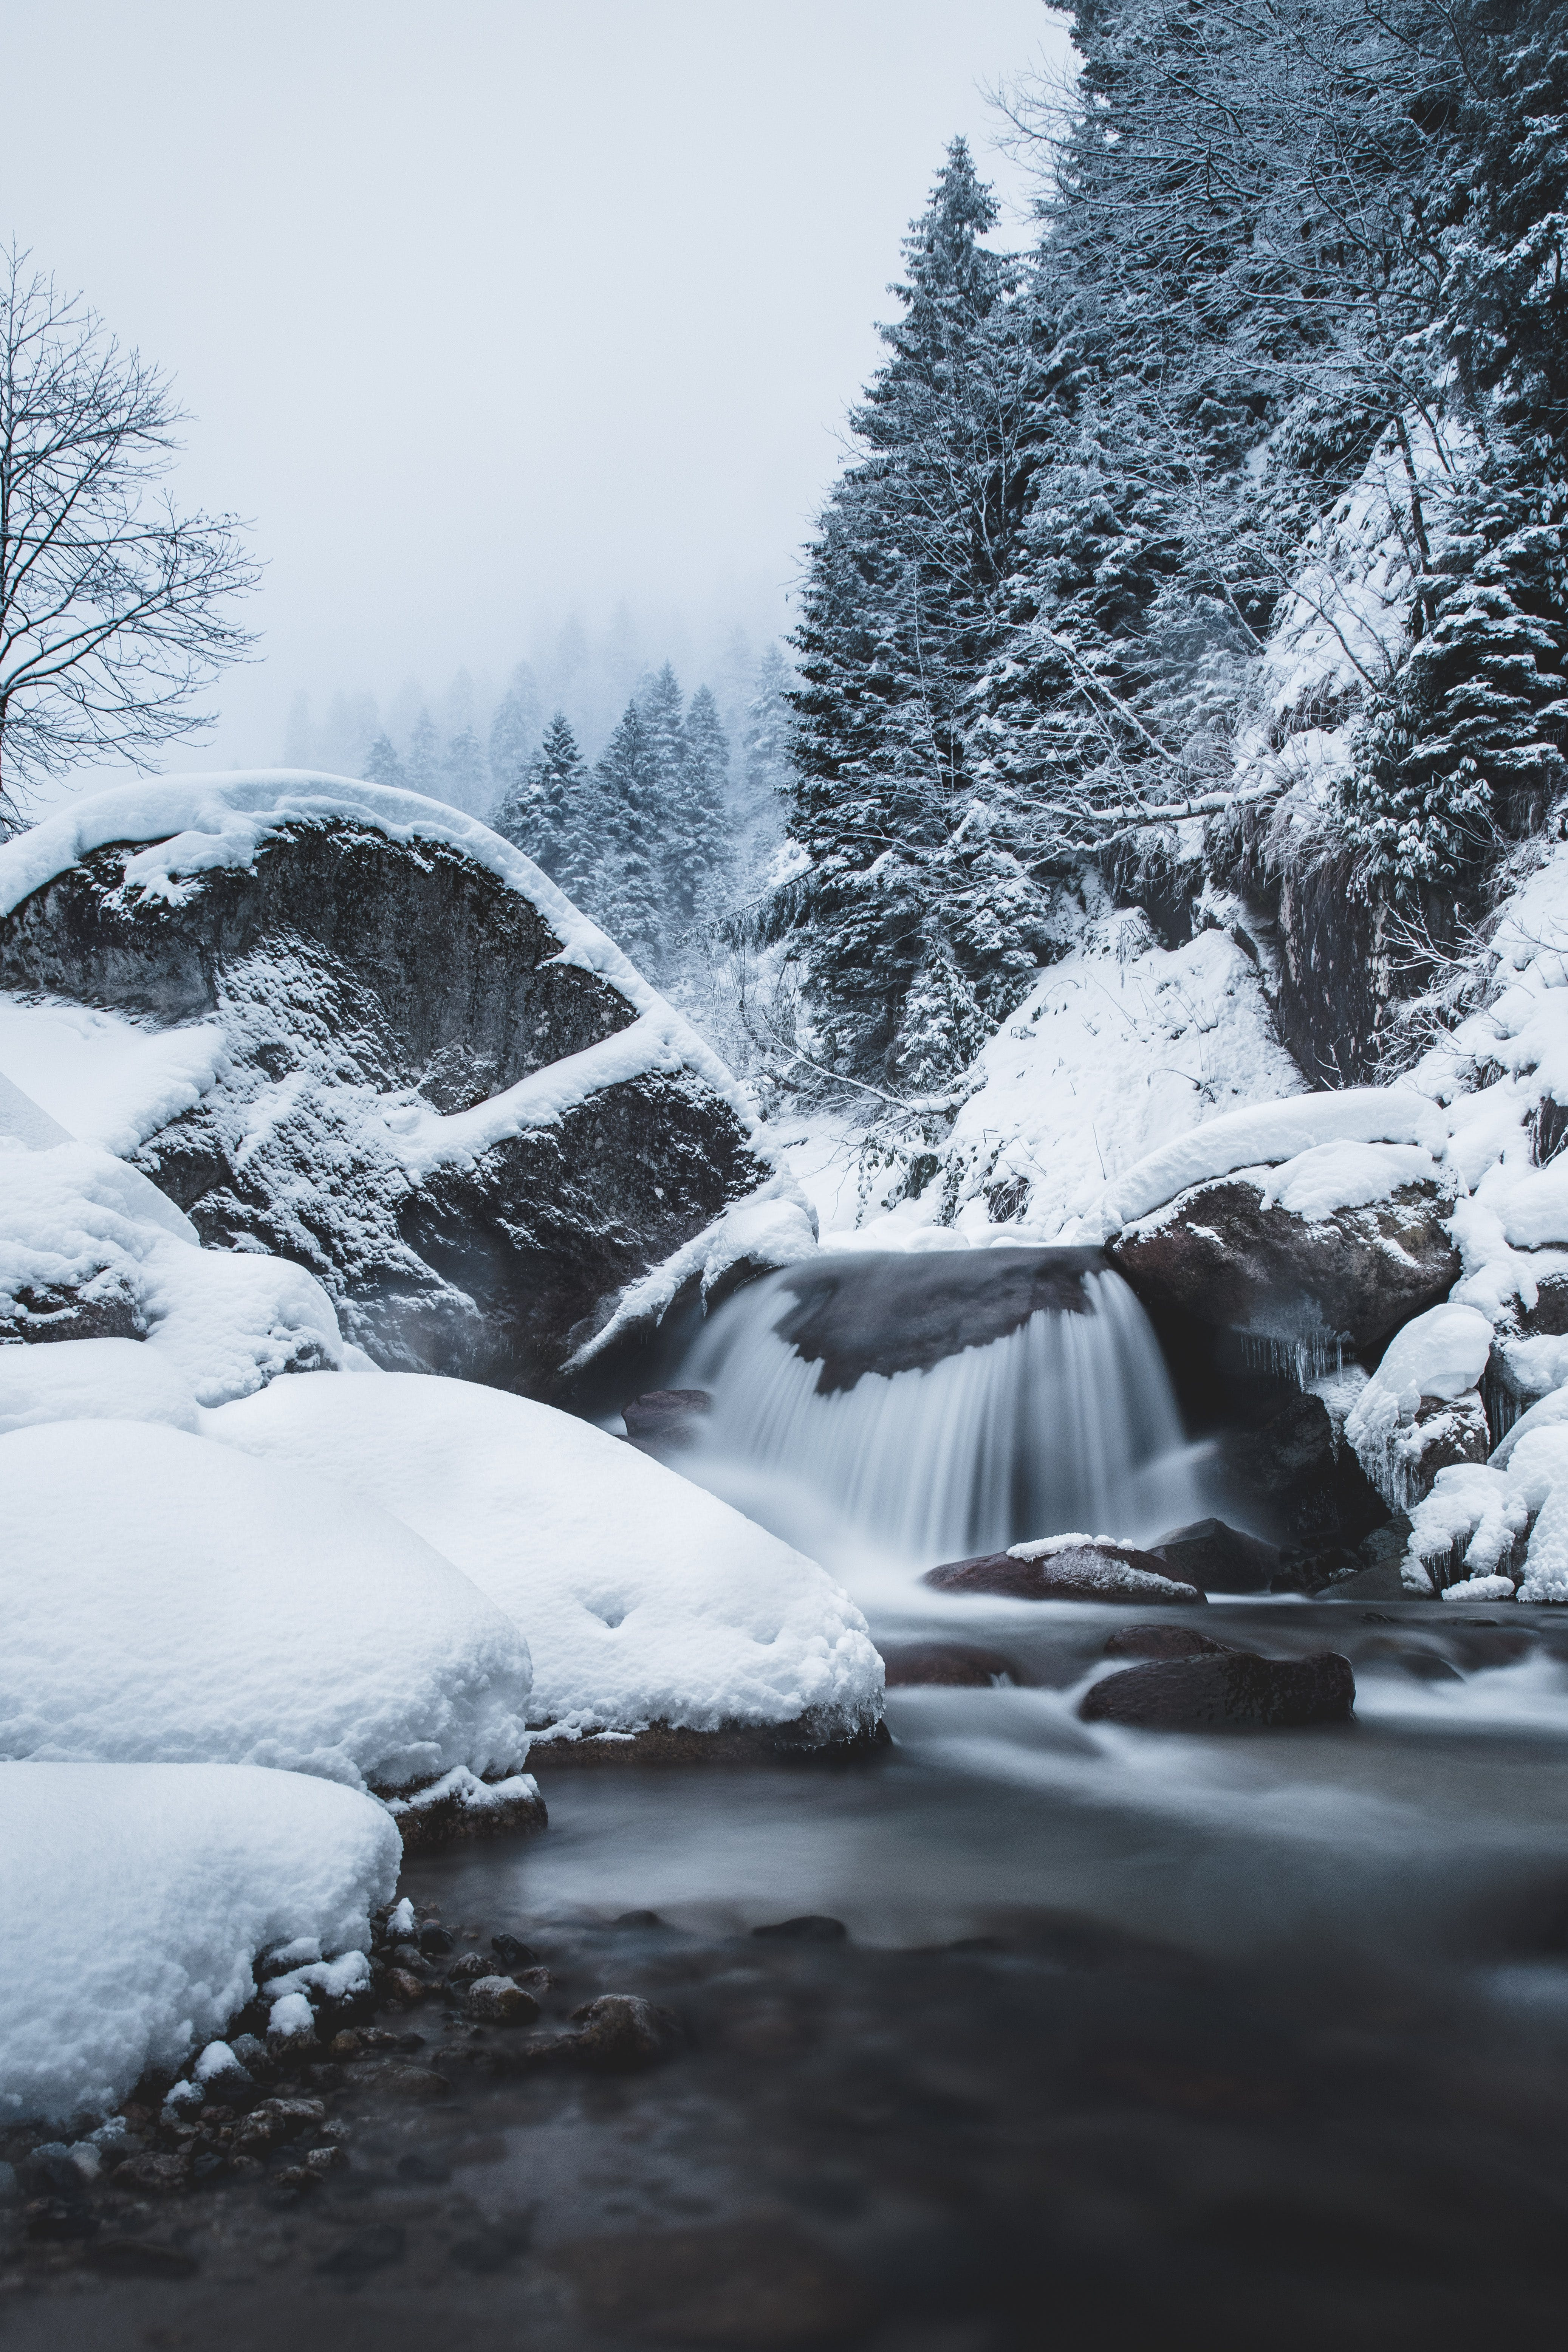 Δωρεάν στοκ φωτογραφιών με ασπρόμαυρο, βουνό, βράχια, γραφικός